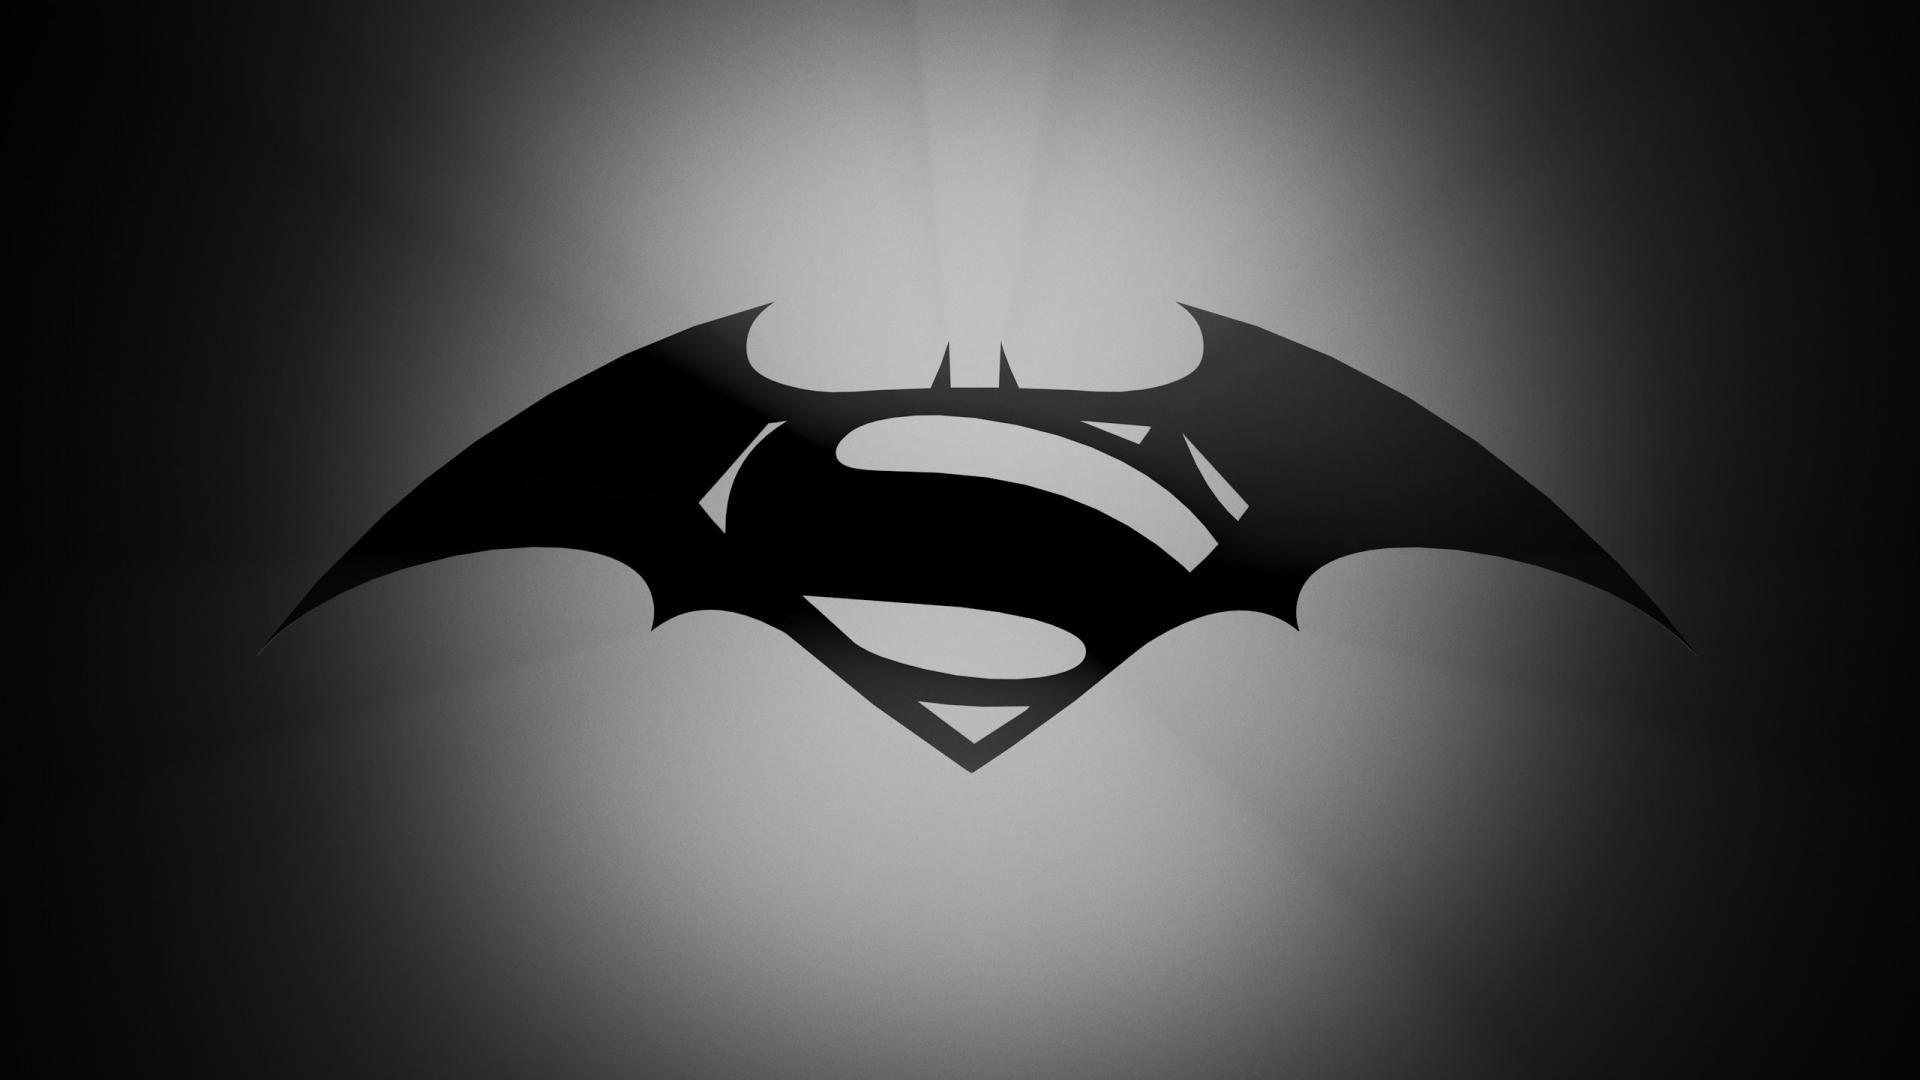 superman logo wallpapers hd 1920x1080 - wallpaper cave